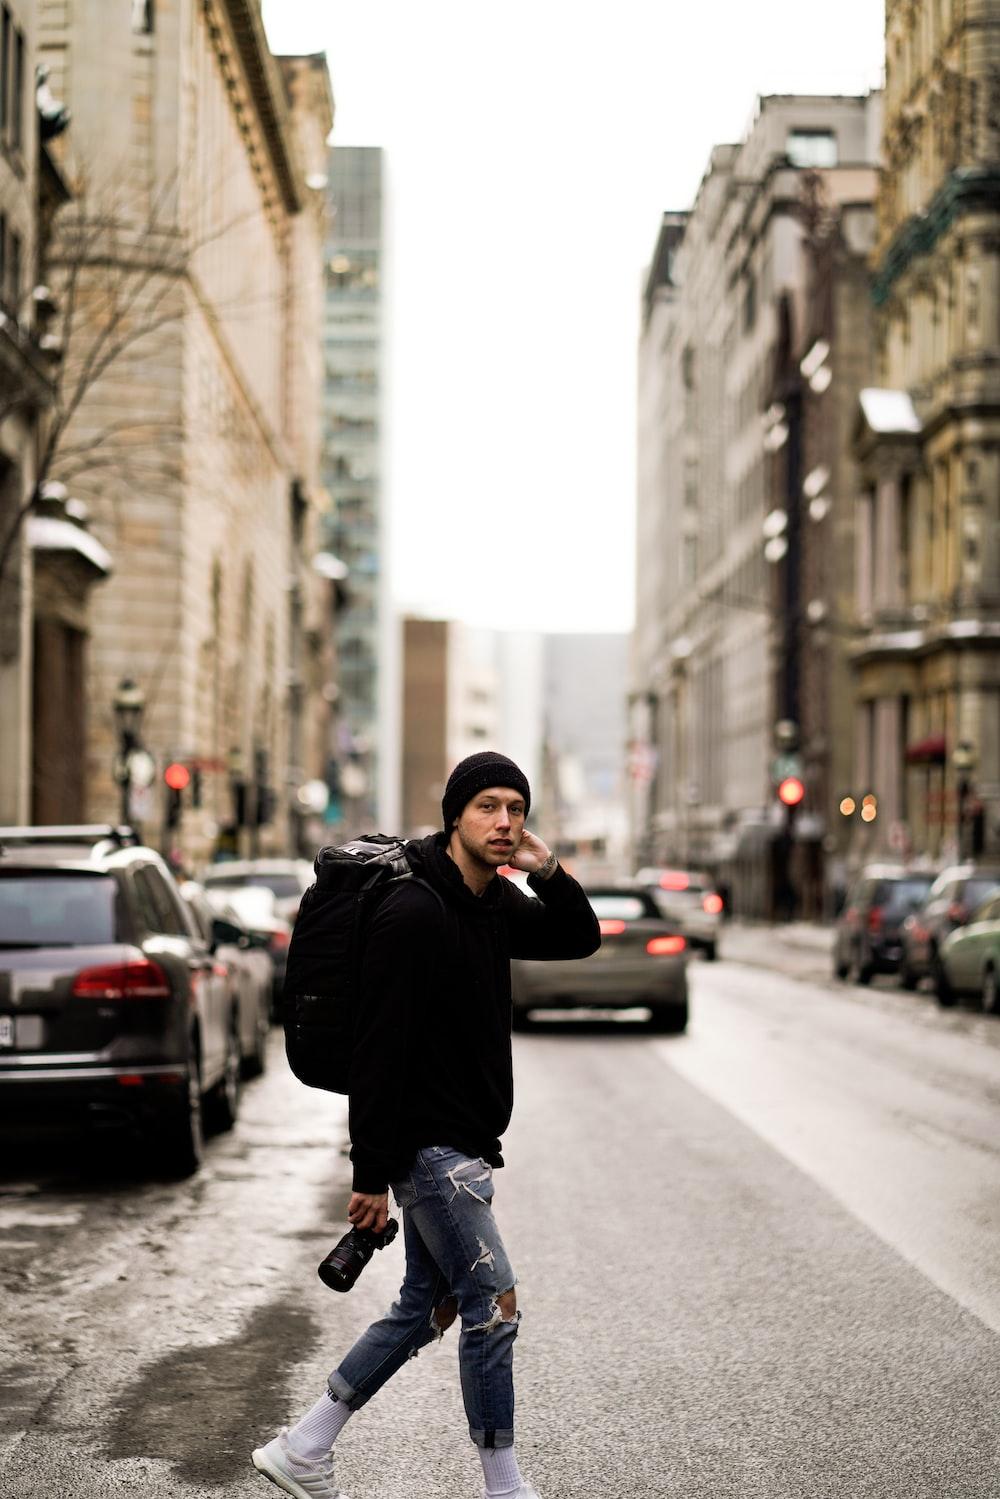 man walking on paved road